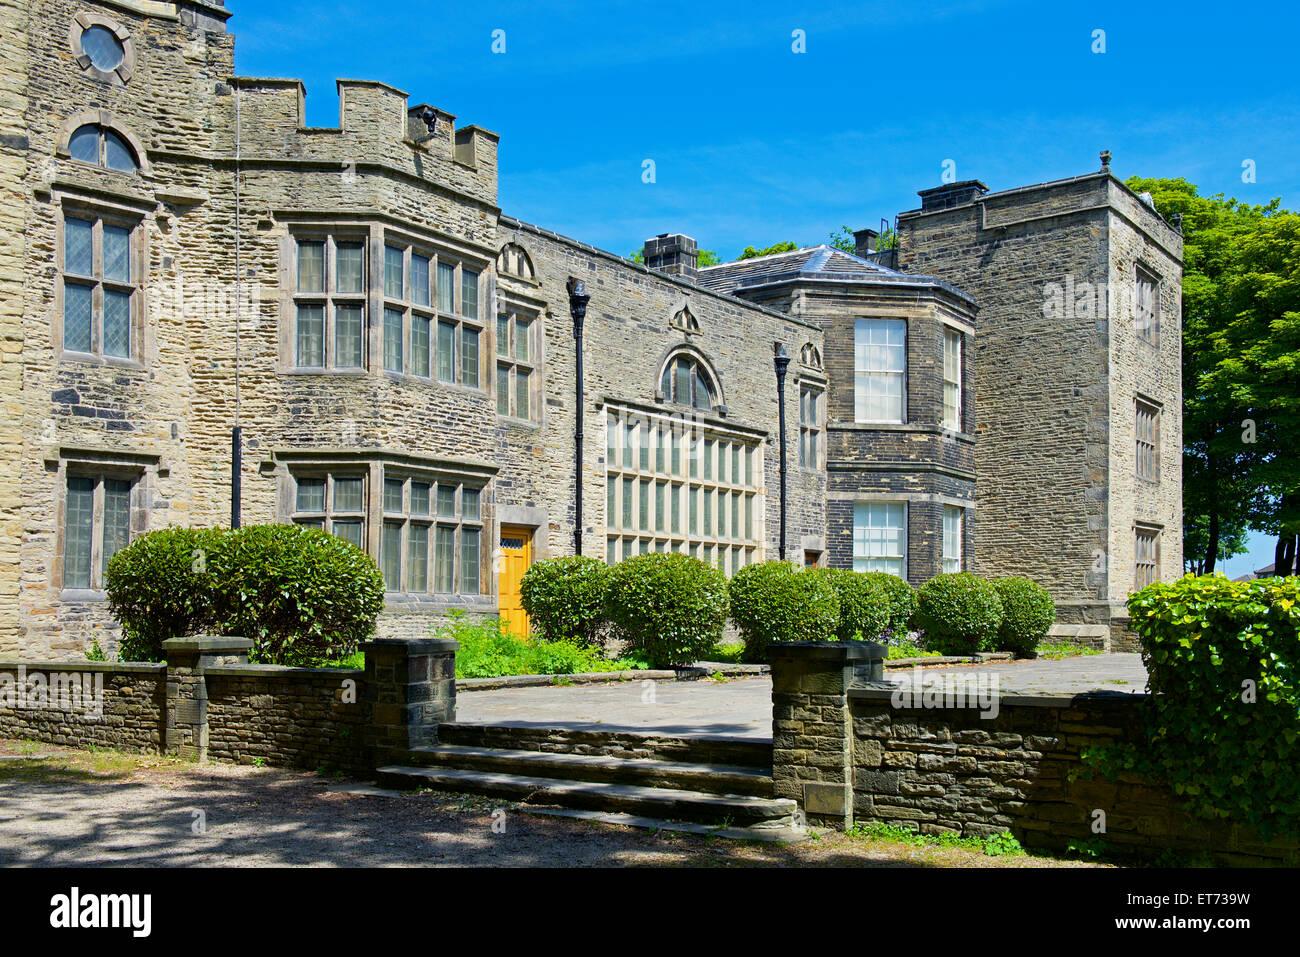 Bolling Hall, Bradford, West Yorkshire, England UK - Stock Image